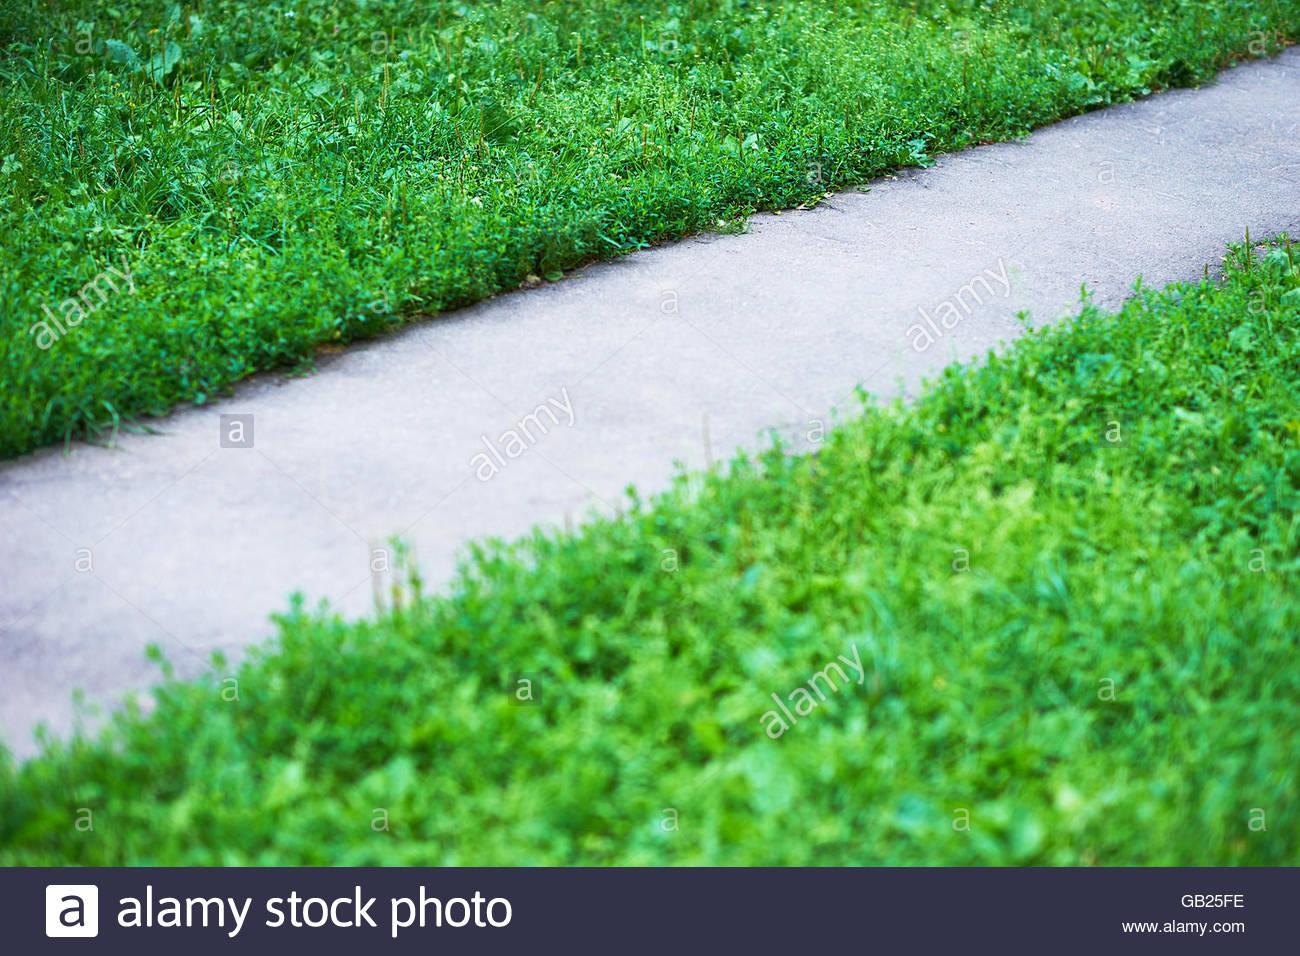 Diagonale Il Sentiero Del Parco Con Prato Verde Hd Sfondo Foto